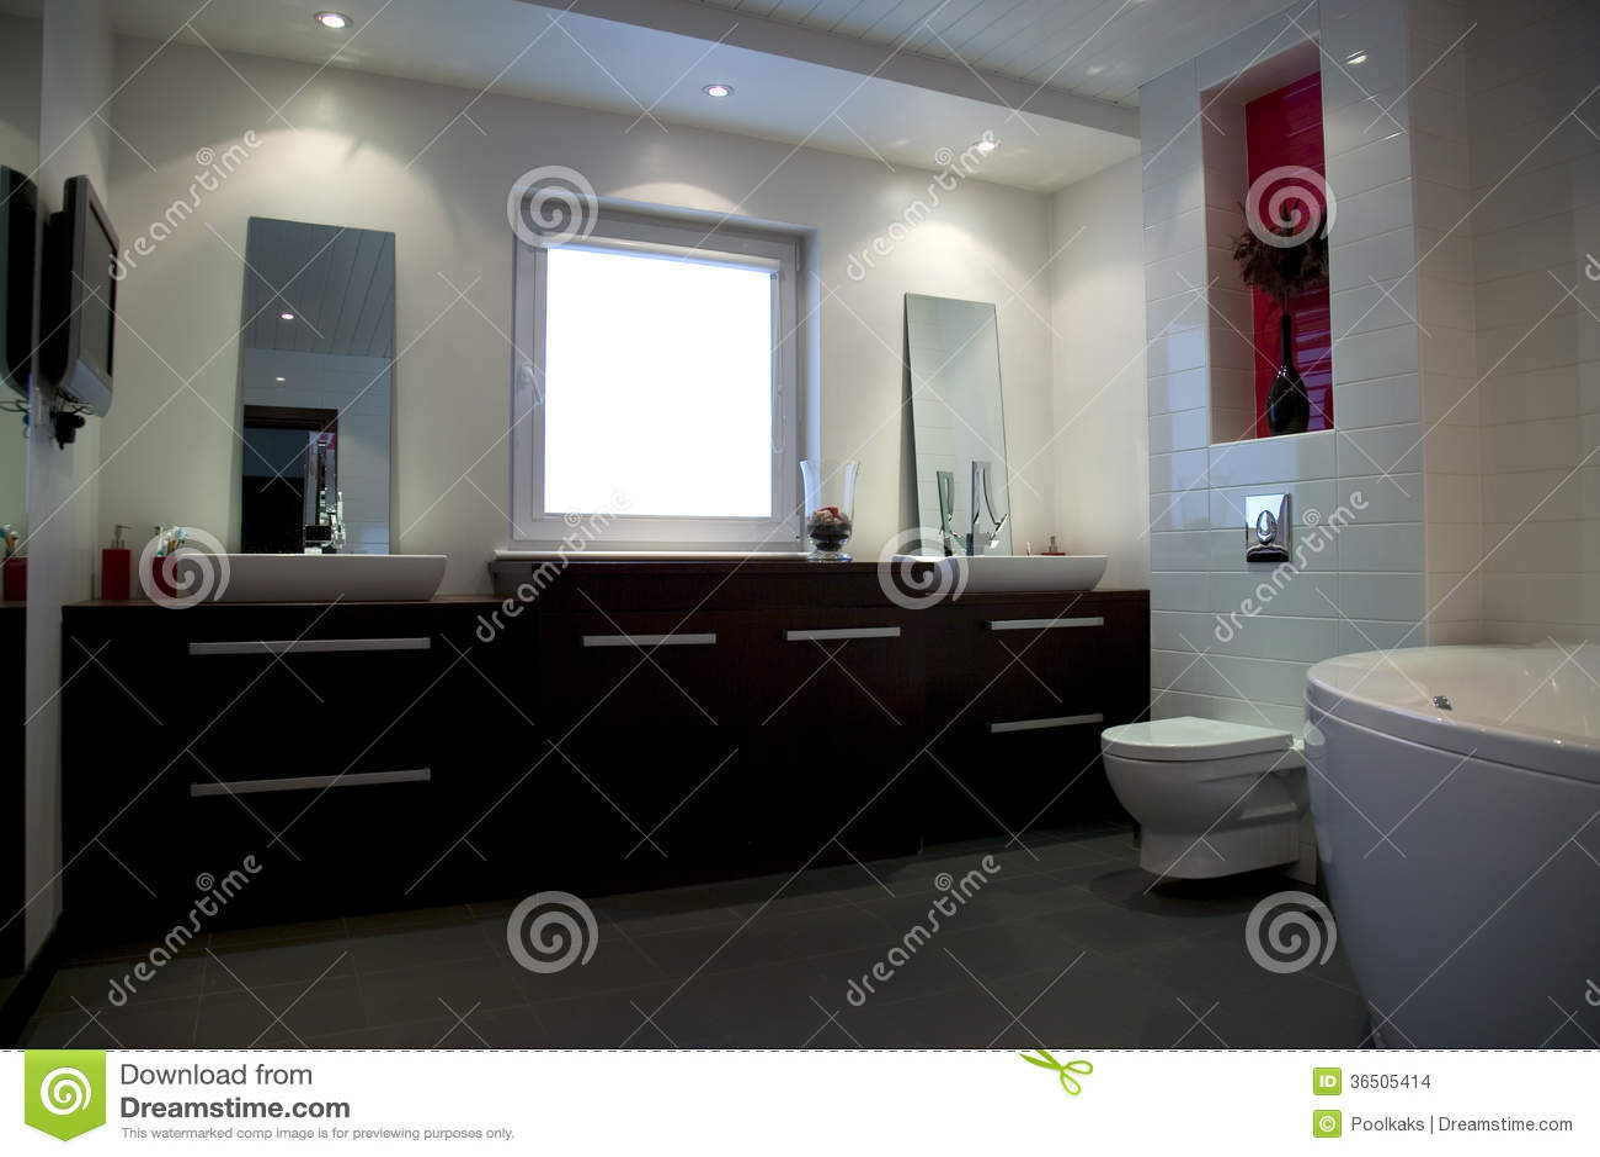 Cuarto De Baño Moderno Fotos:Imagenes de archivo: Cuarto de baño blanco moderno con muebles